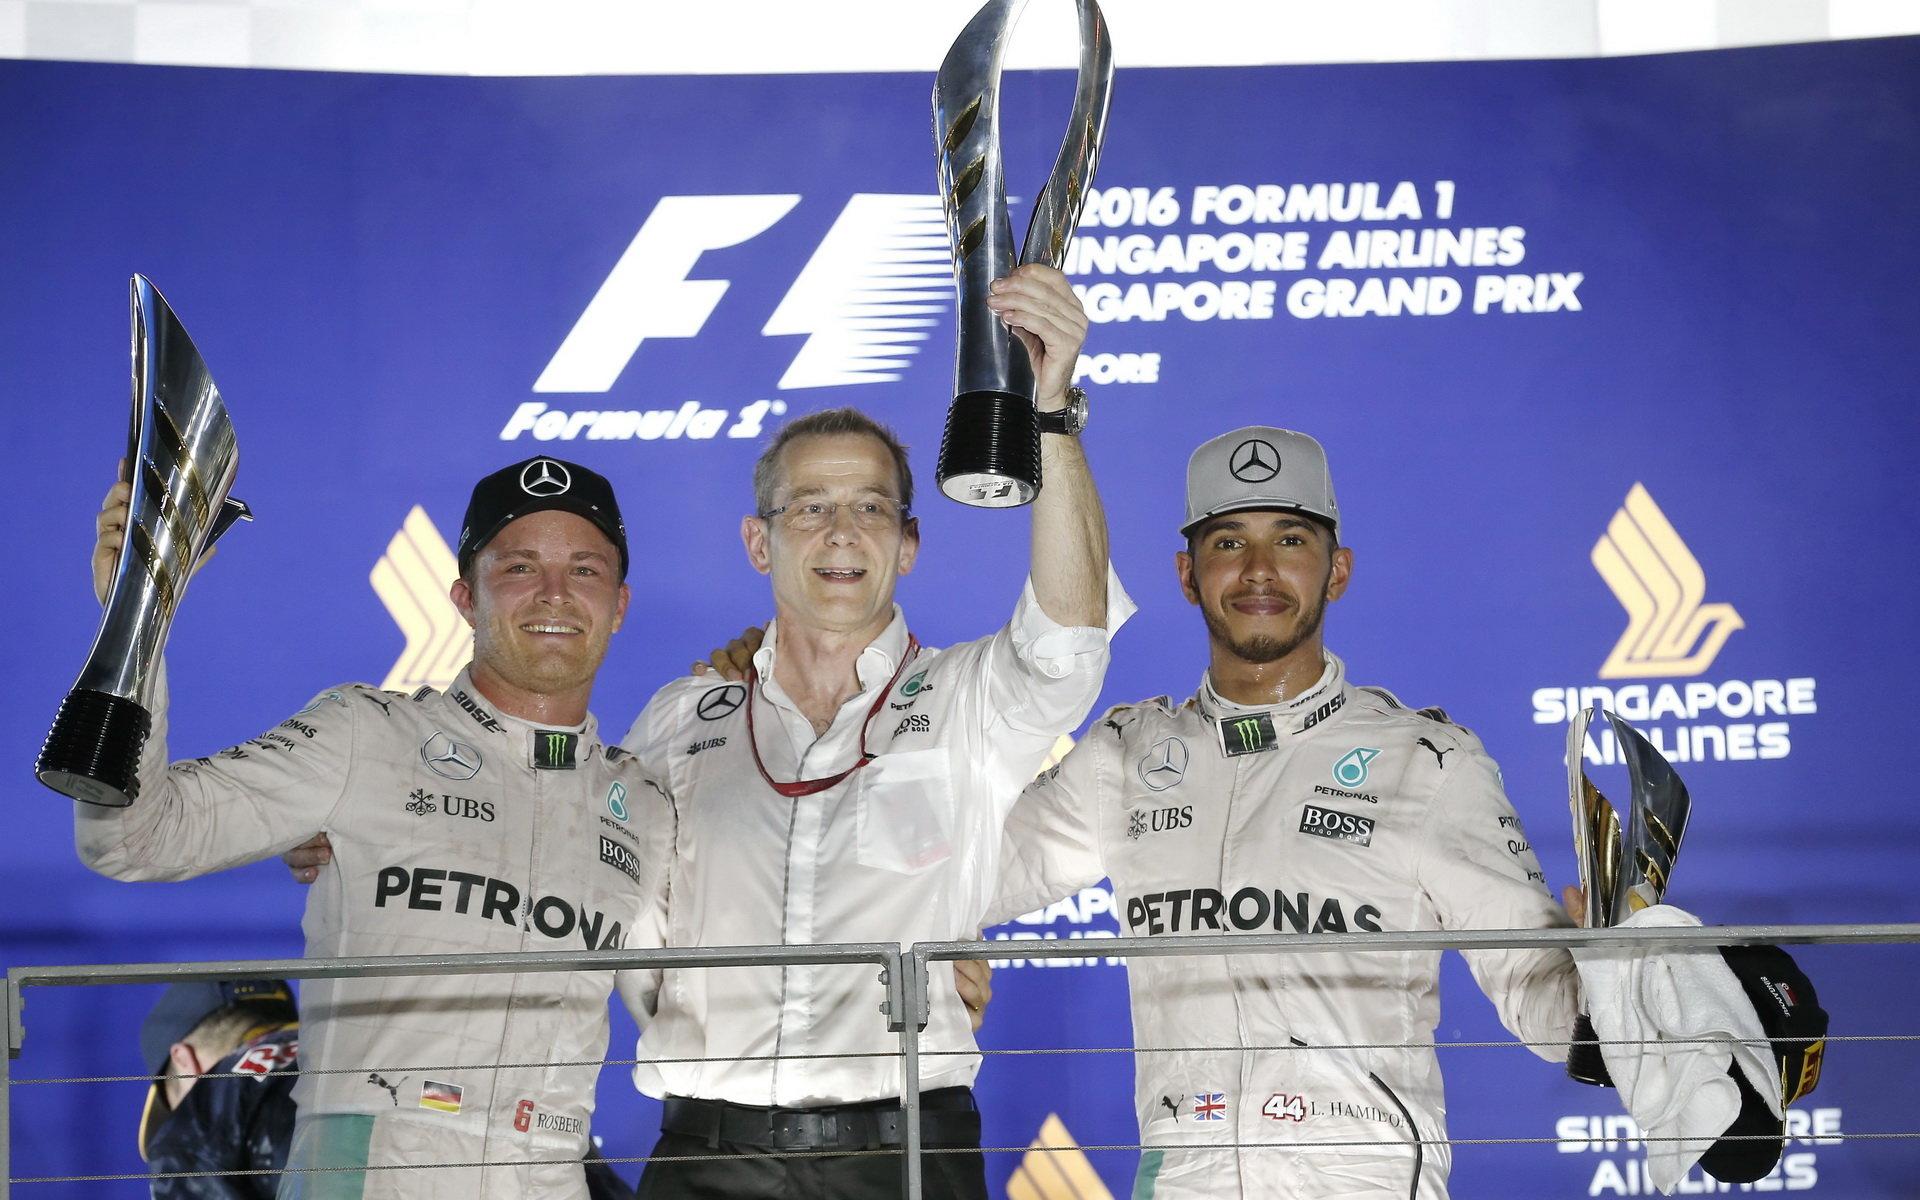 Mercedes si může zajistit vítězství v Poháru konstruktérů už v Malajsii - anotační obrázek